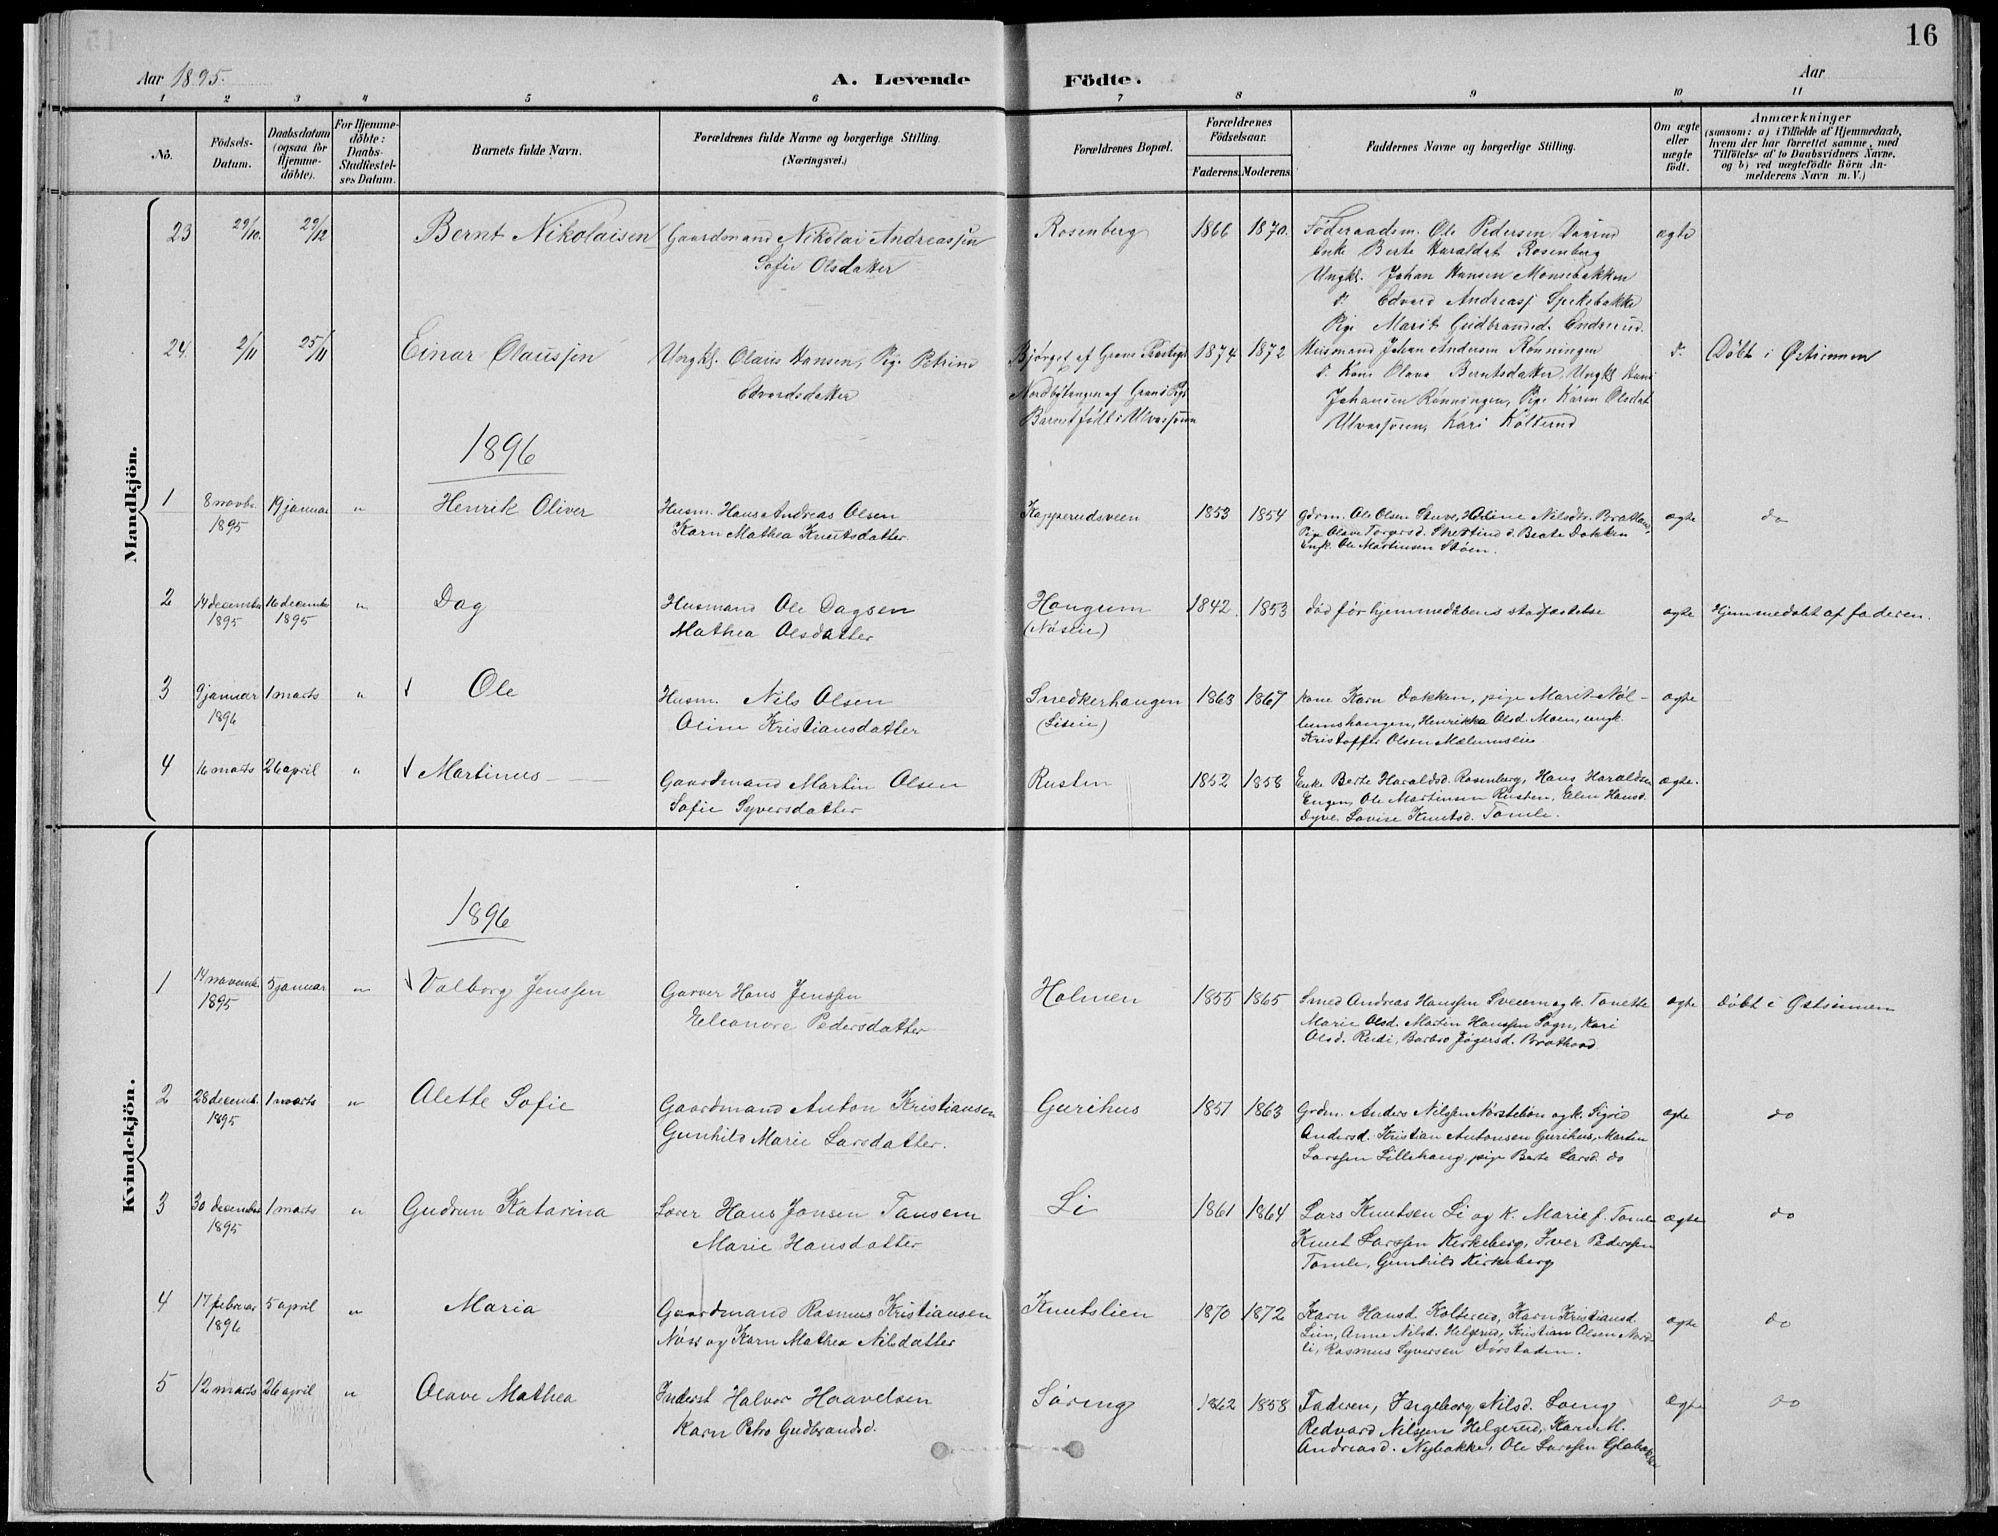 SAH, Nordre Land prestekontor, Klokkerbok nr. 13, 1891-1904, s. 16